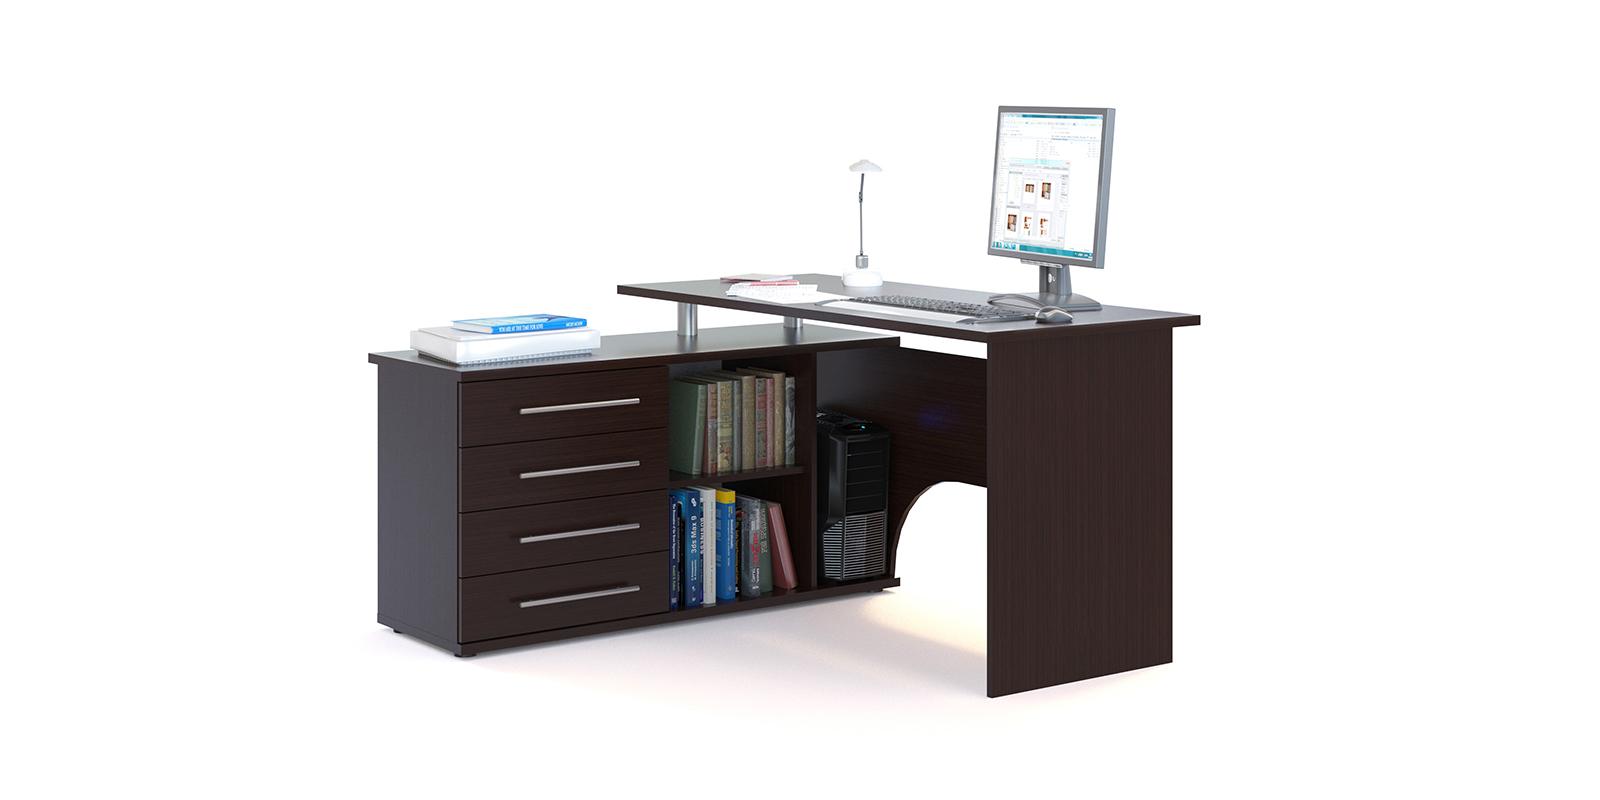 Стол компьютерный HomeMe Сноу компьютерный стол недорого в москве стеклянный